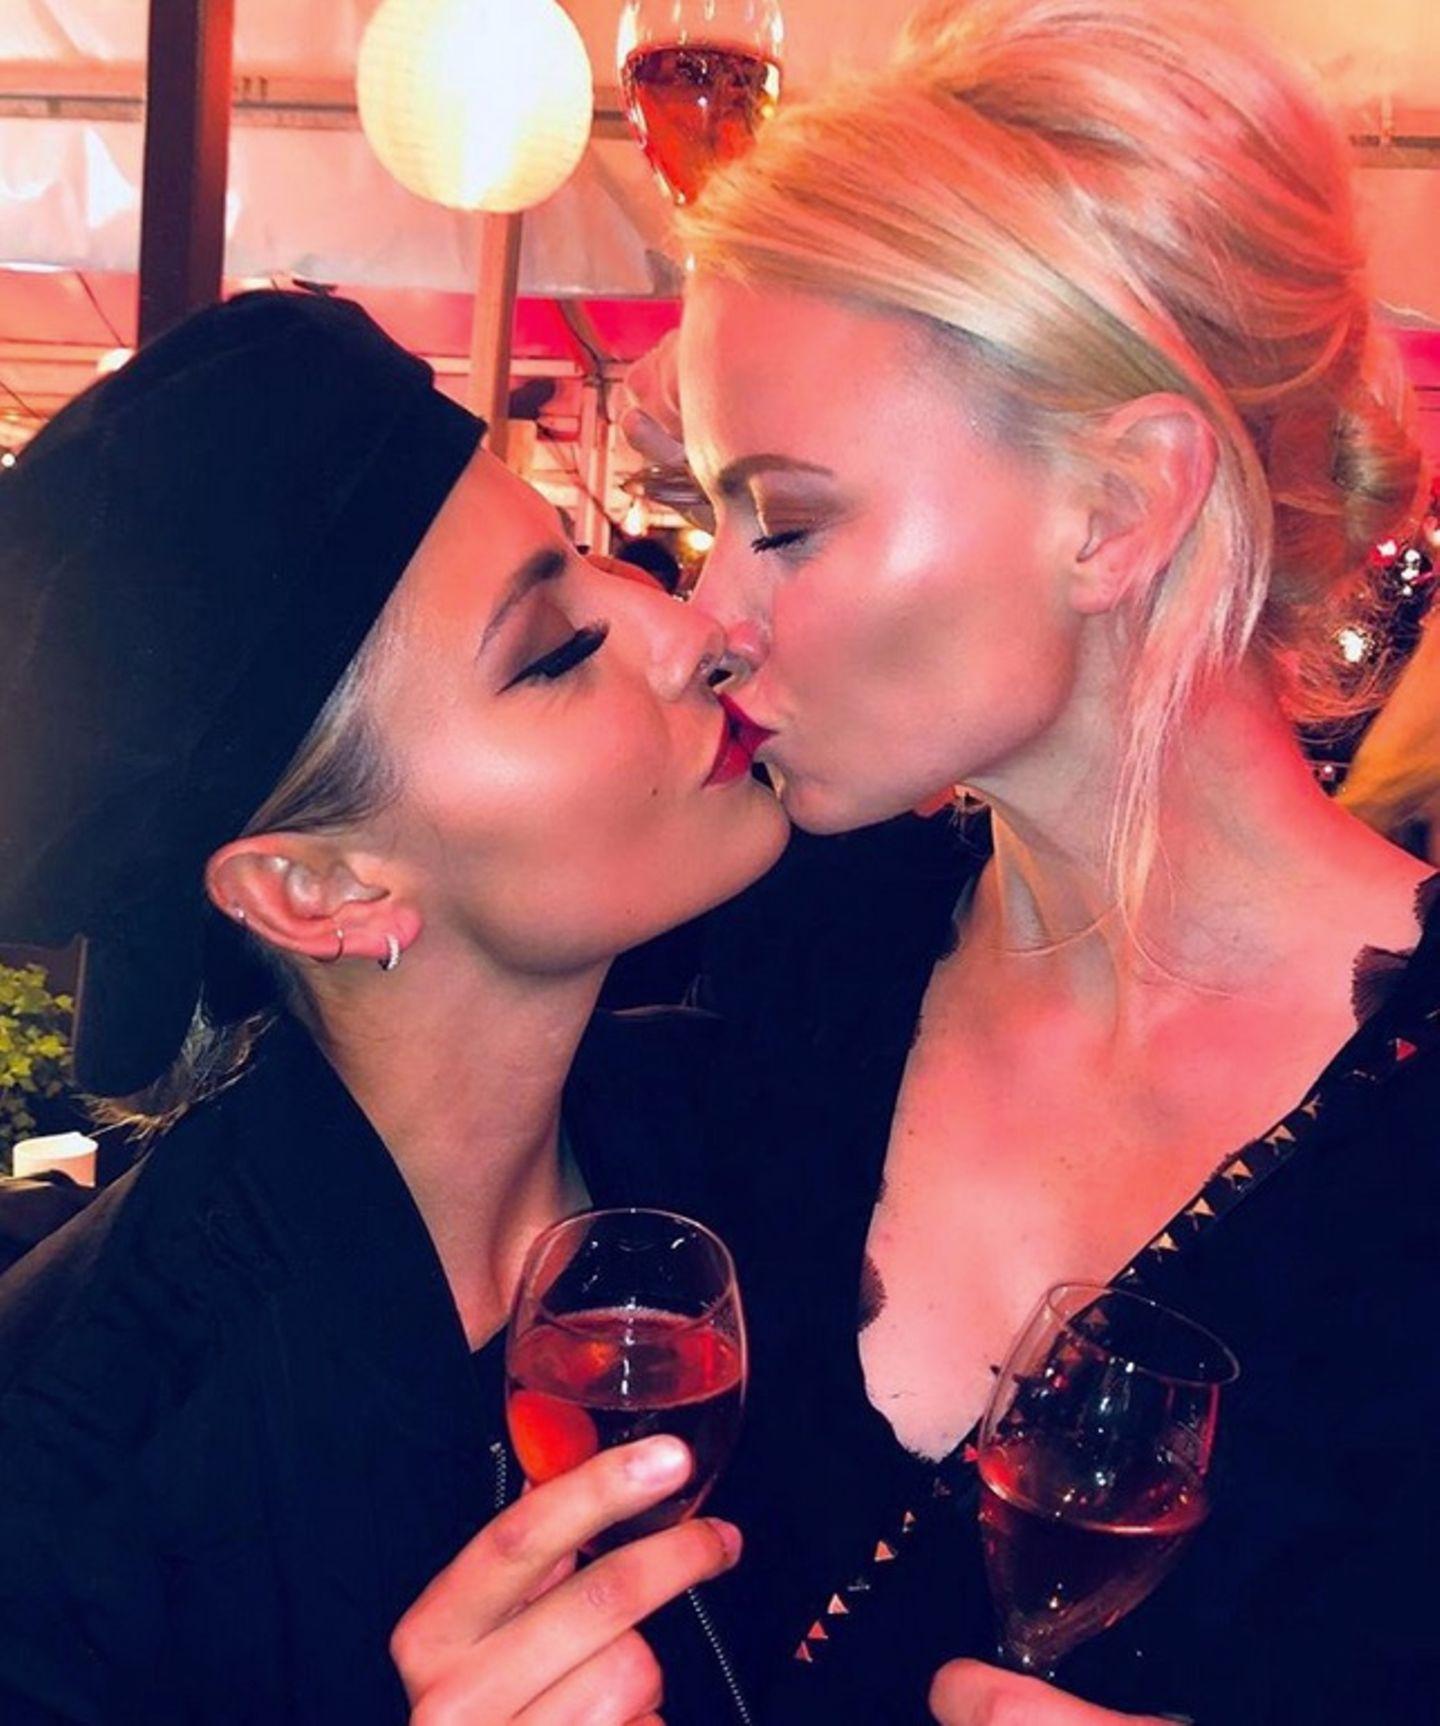 Hier wird deutlich, diese zwei Damen verstehen sich bestens. Auf einer Party gibt es von Sophia Thomalla ein Busserl für Franziska Knuppe.